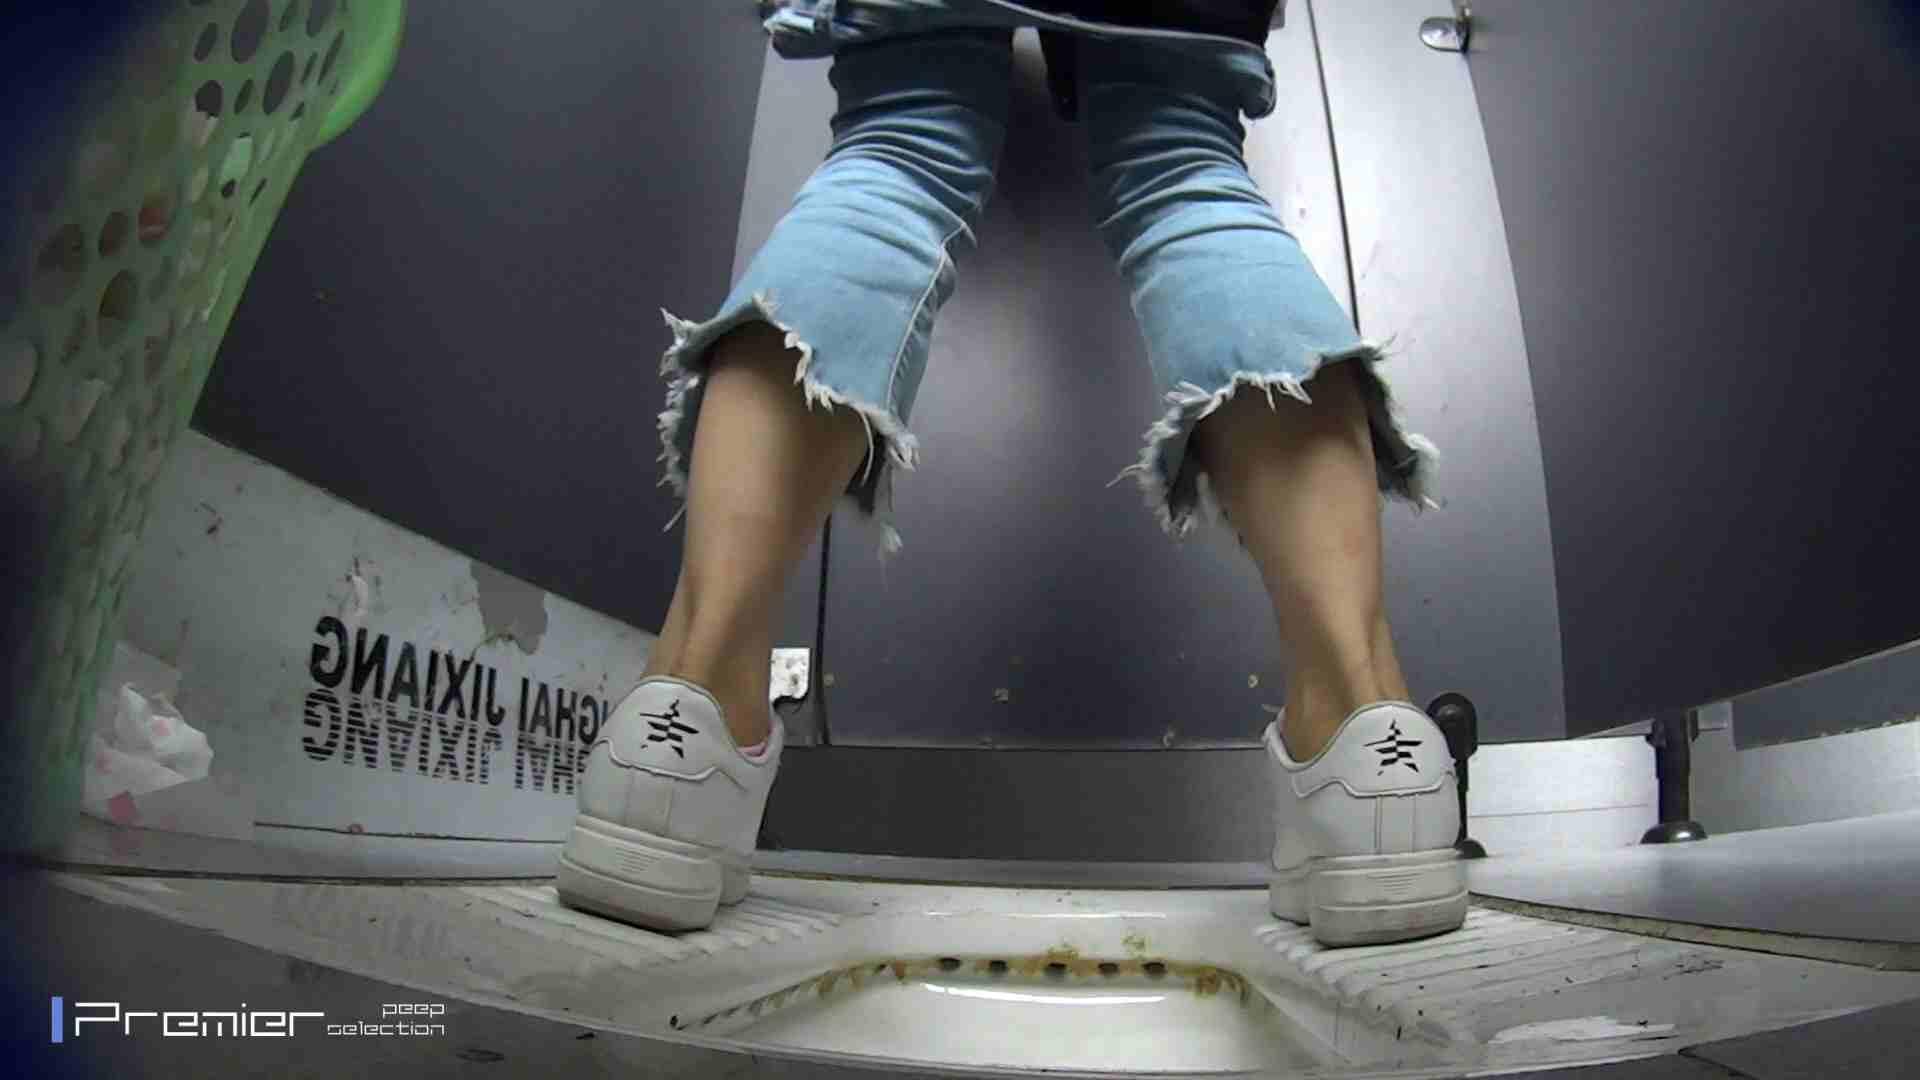 滴り落ちる聖水 大学休憩時間の洗面所事情42 美女ハメ撮り  98Pix 68